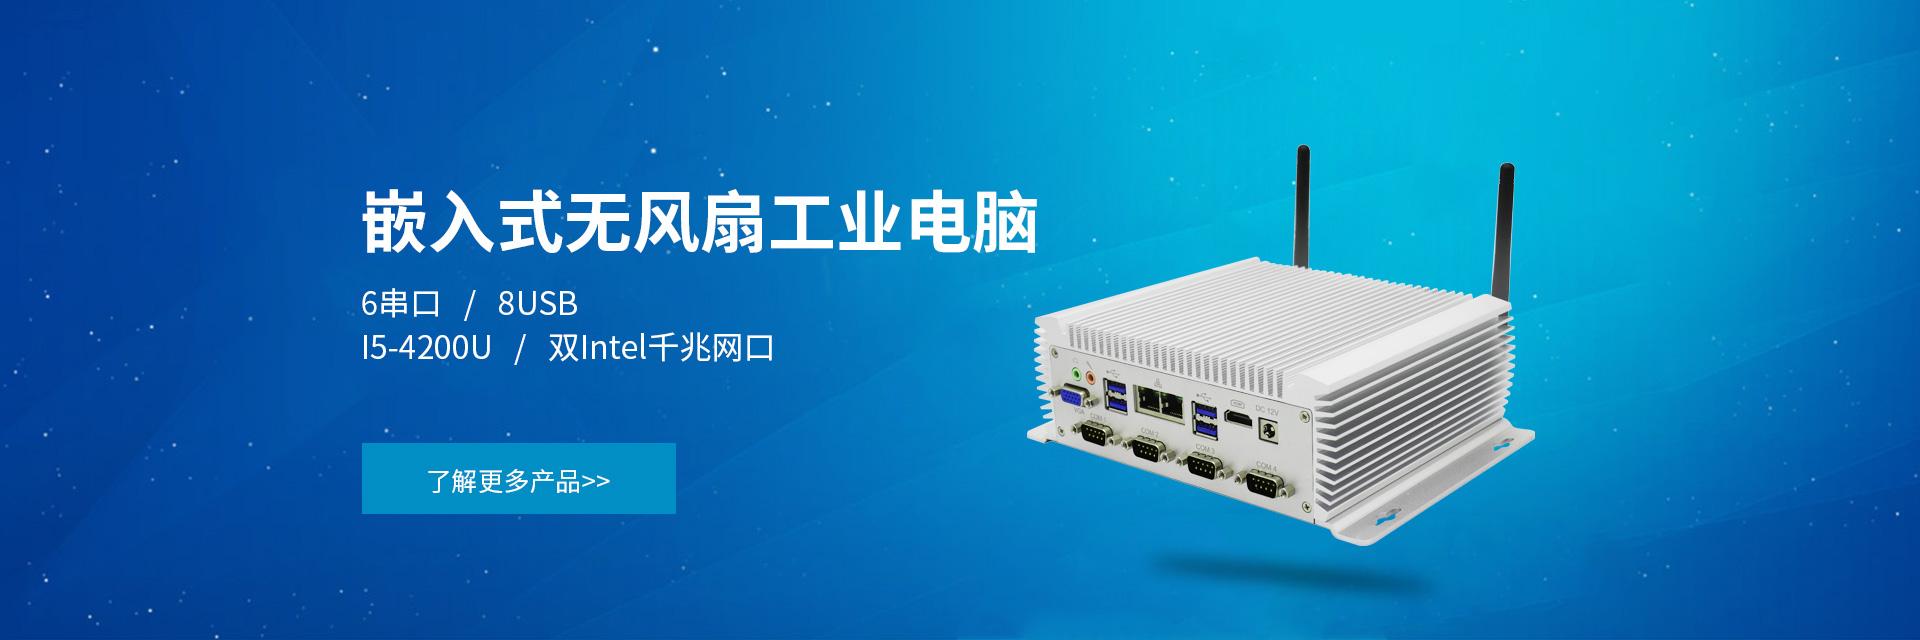 华普信嵌入式工控机EPC-310